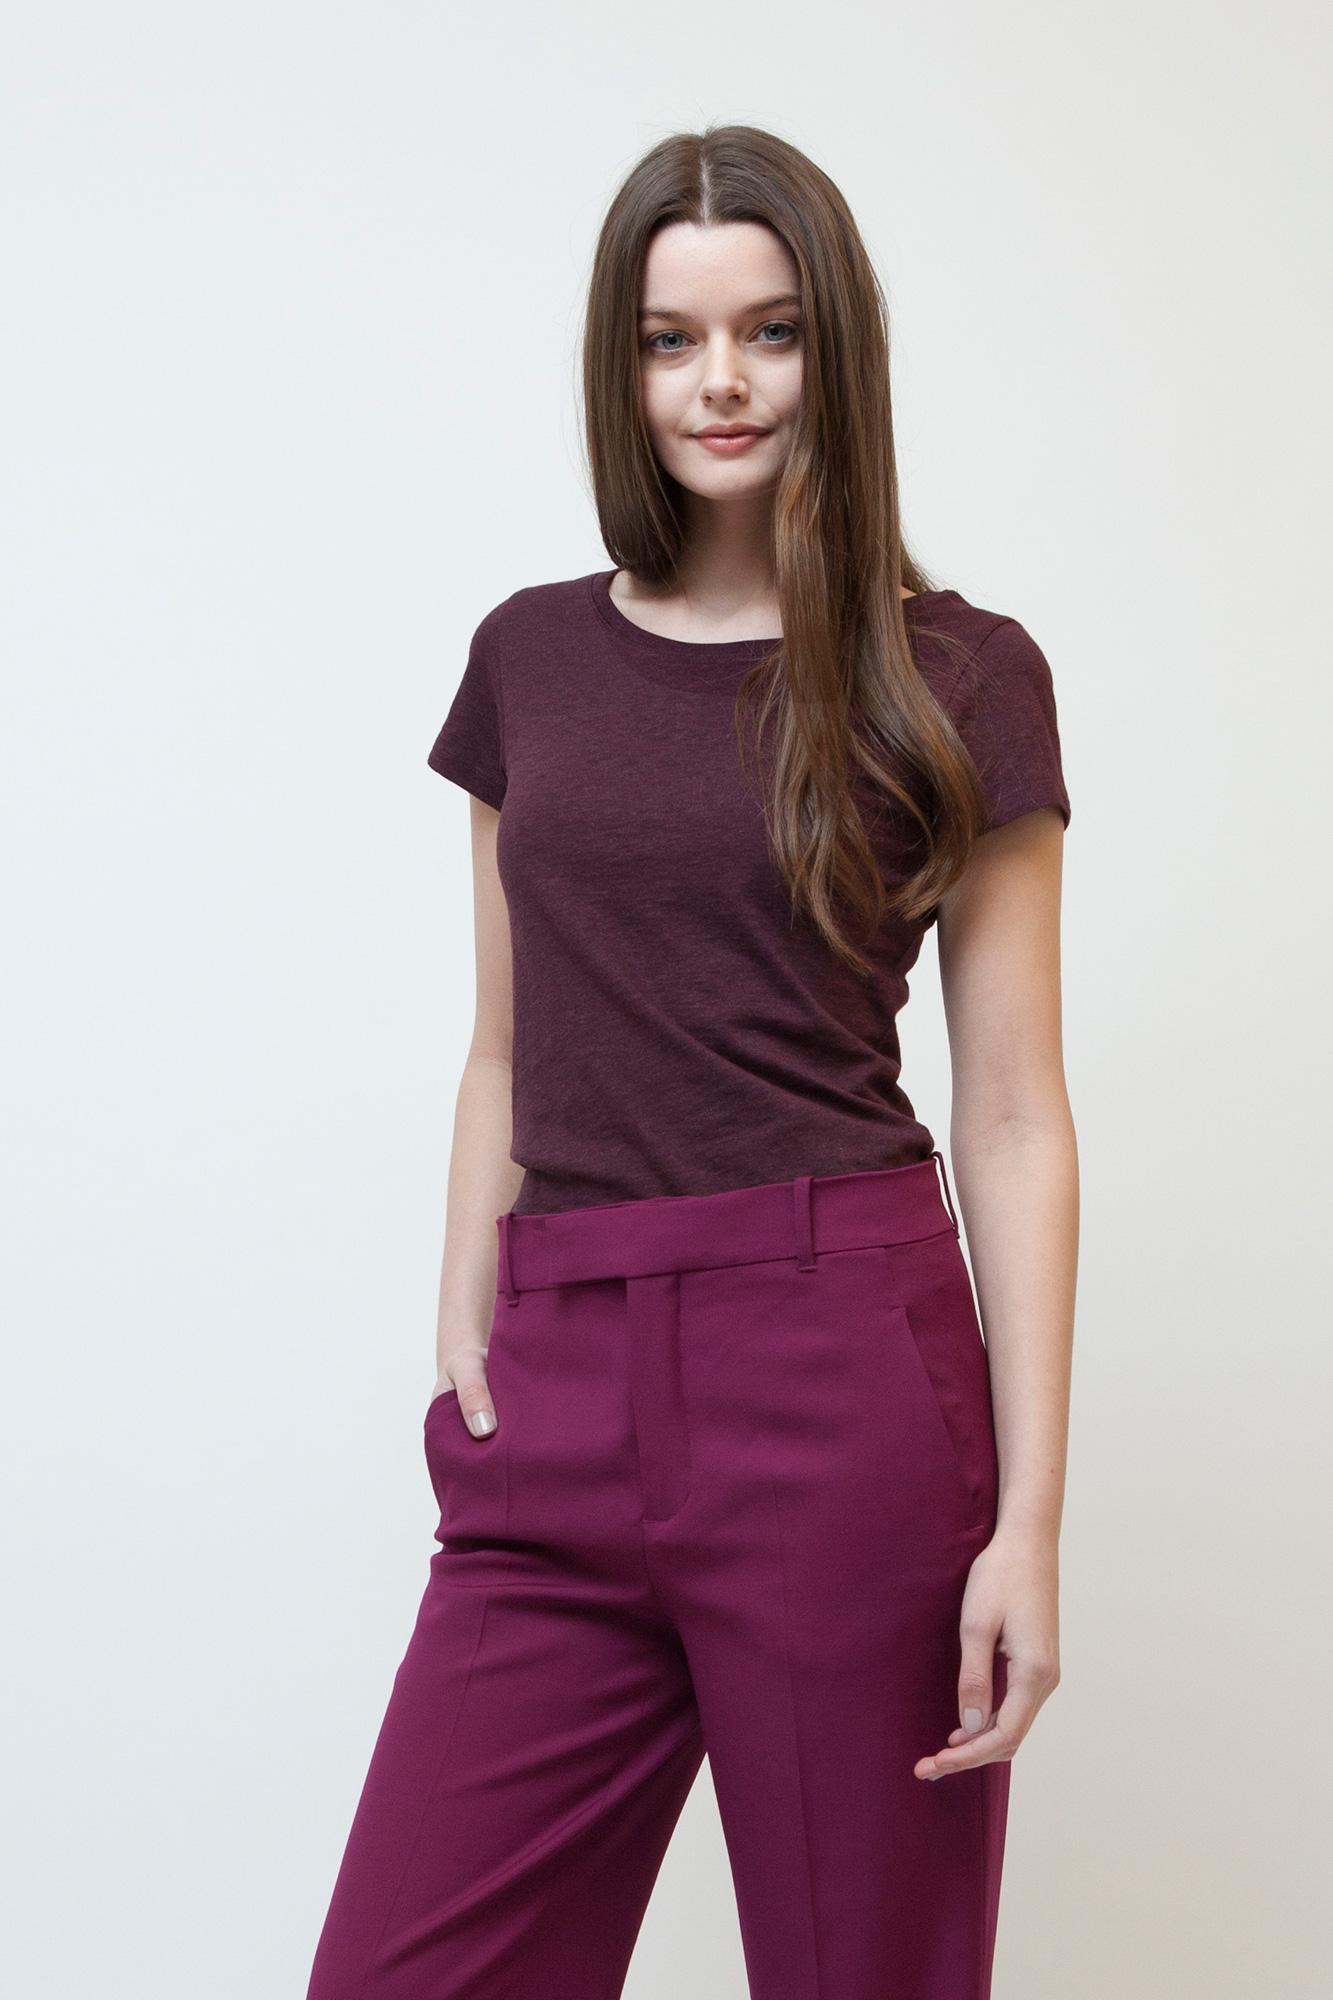 W-STTW028-T-Shirt-Basic-Naturmode-Heather-Grape-Red-Vorne-Detail